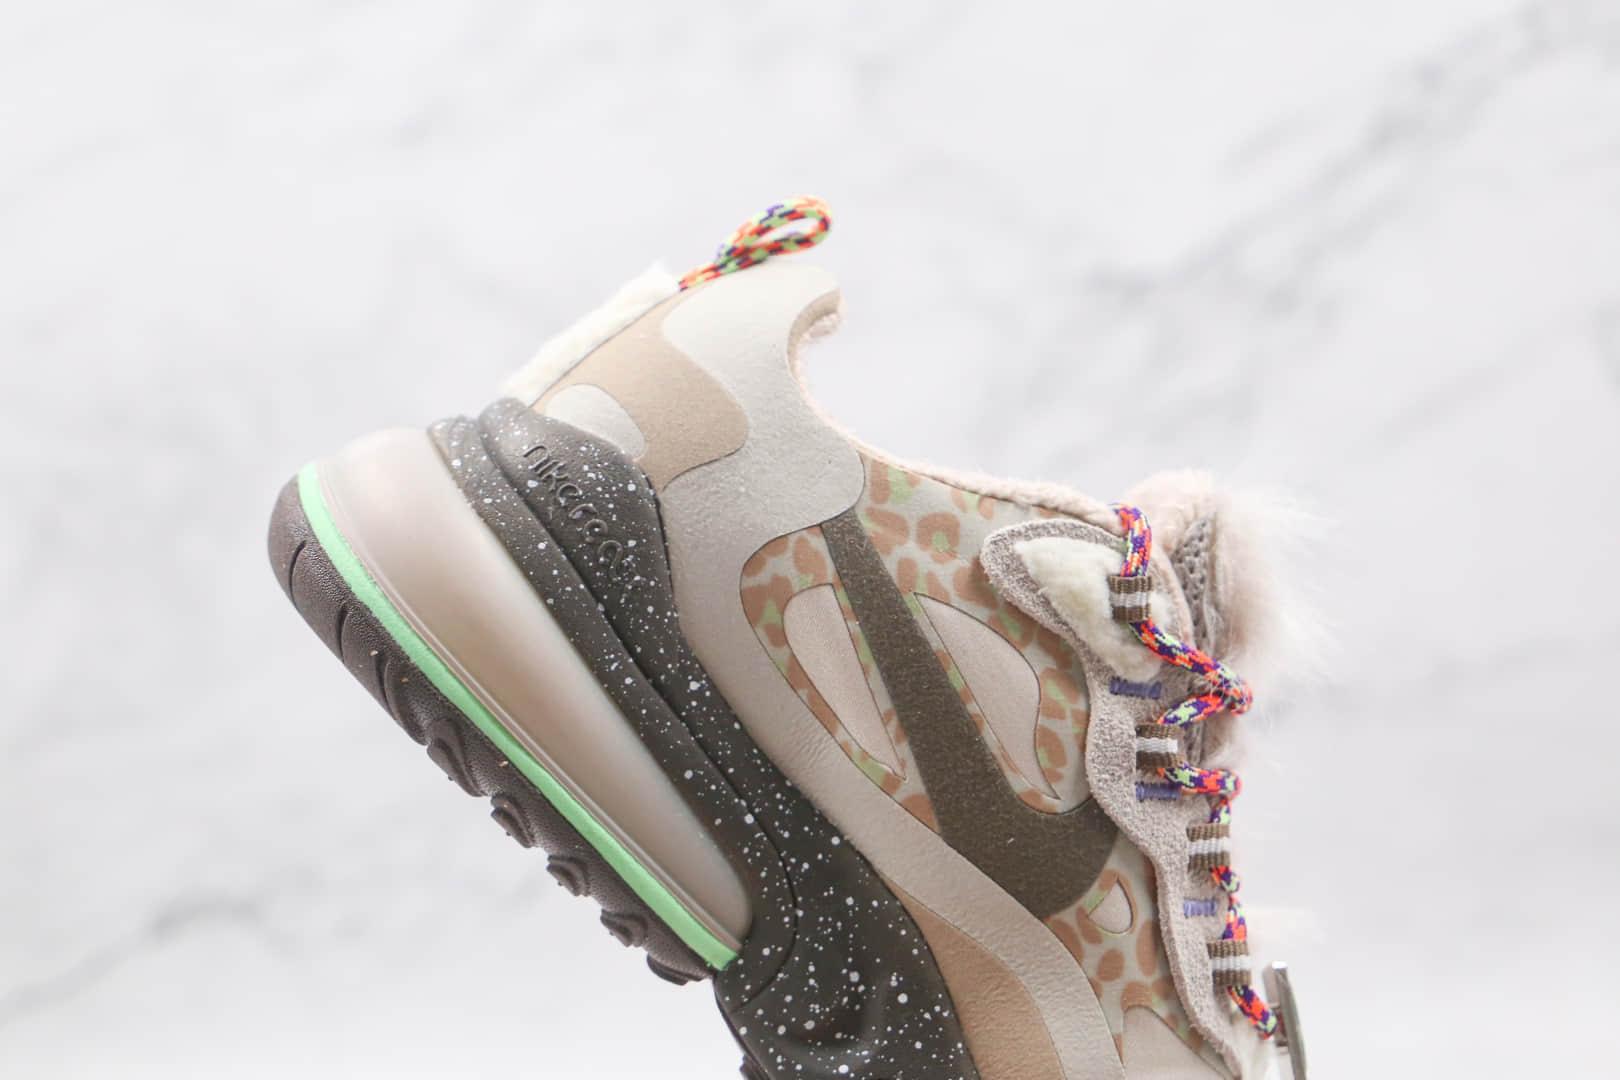 耐克Nike Air Max270纯原版本半掌气垫豹纹泼墨加绒款气垫鞋内置真小潘气垫 货号:CU9333-100